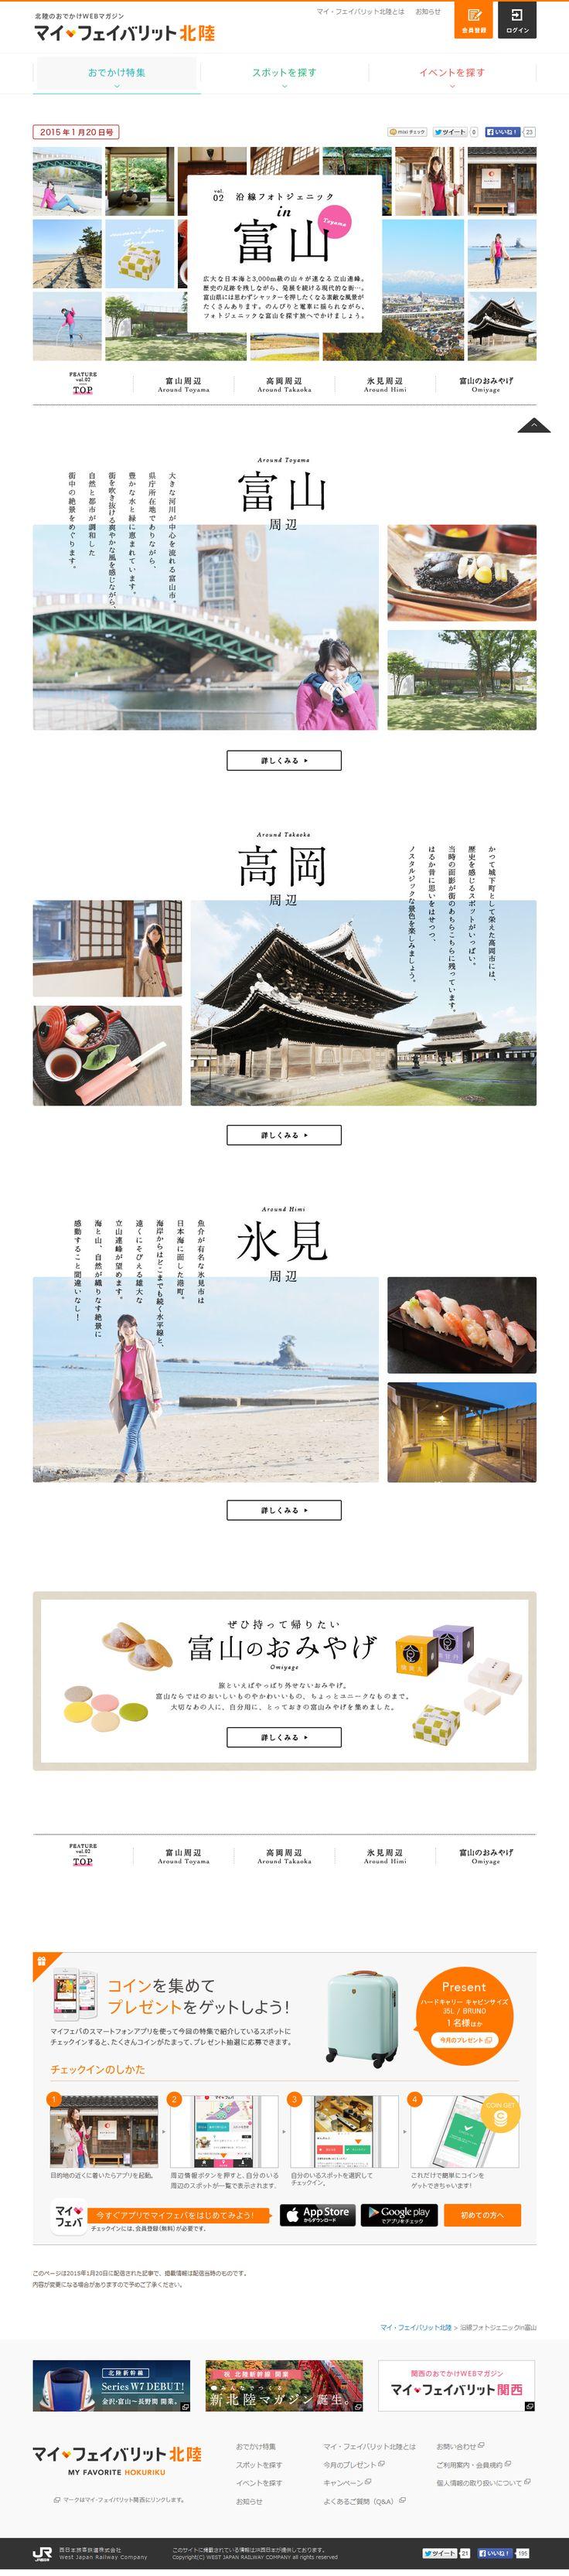 http://hokuriku.my-fav.jp/feature/2/